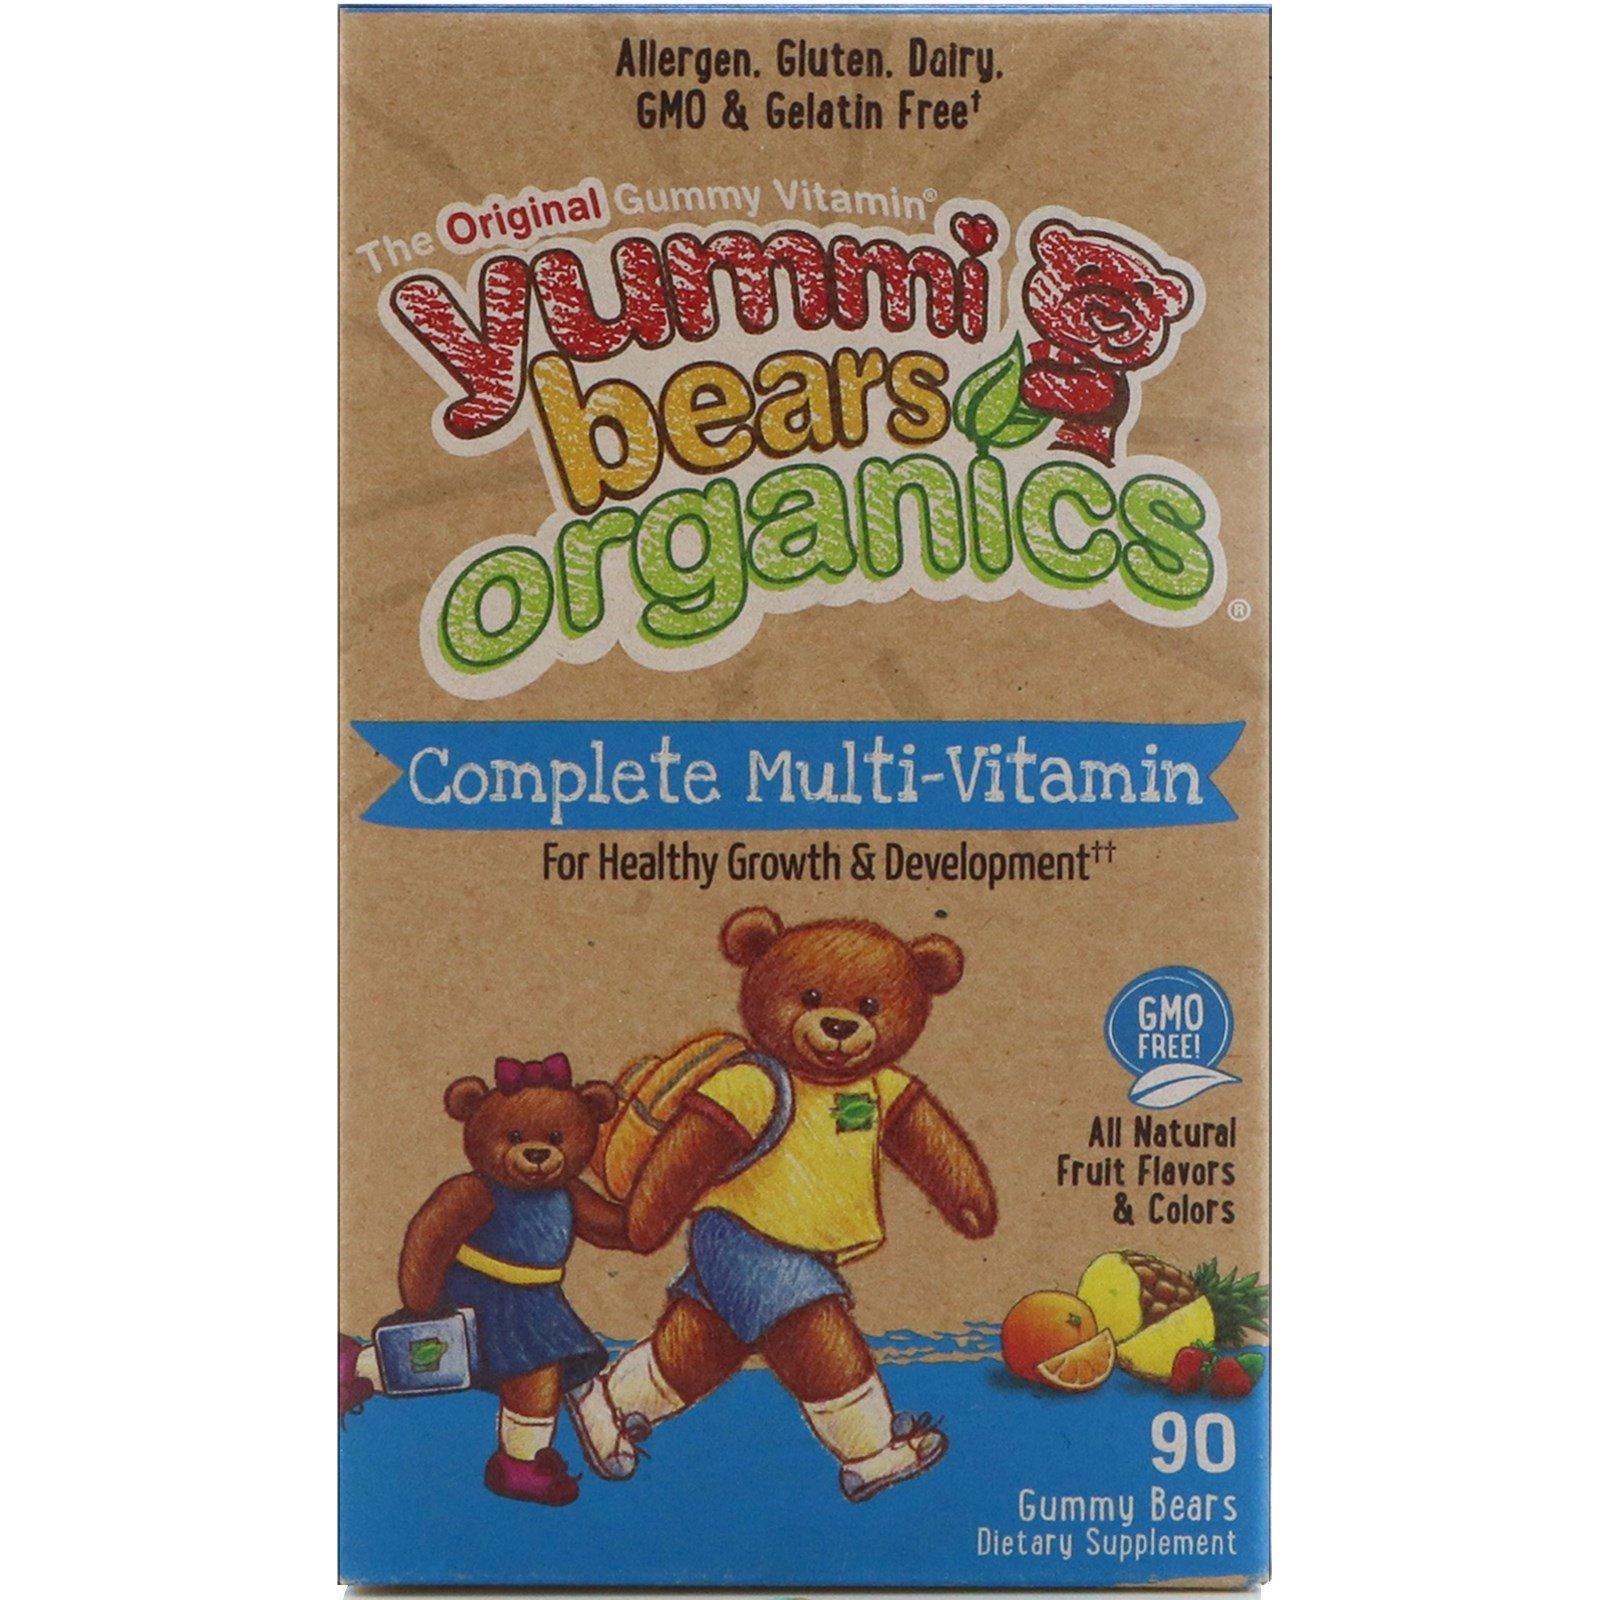 Hero Nutritional Products, Yummi Bears Organics, полноценные мультивитамины, со вкусом органических фруктов, 90 жевательных медвежат